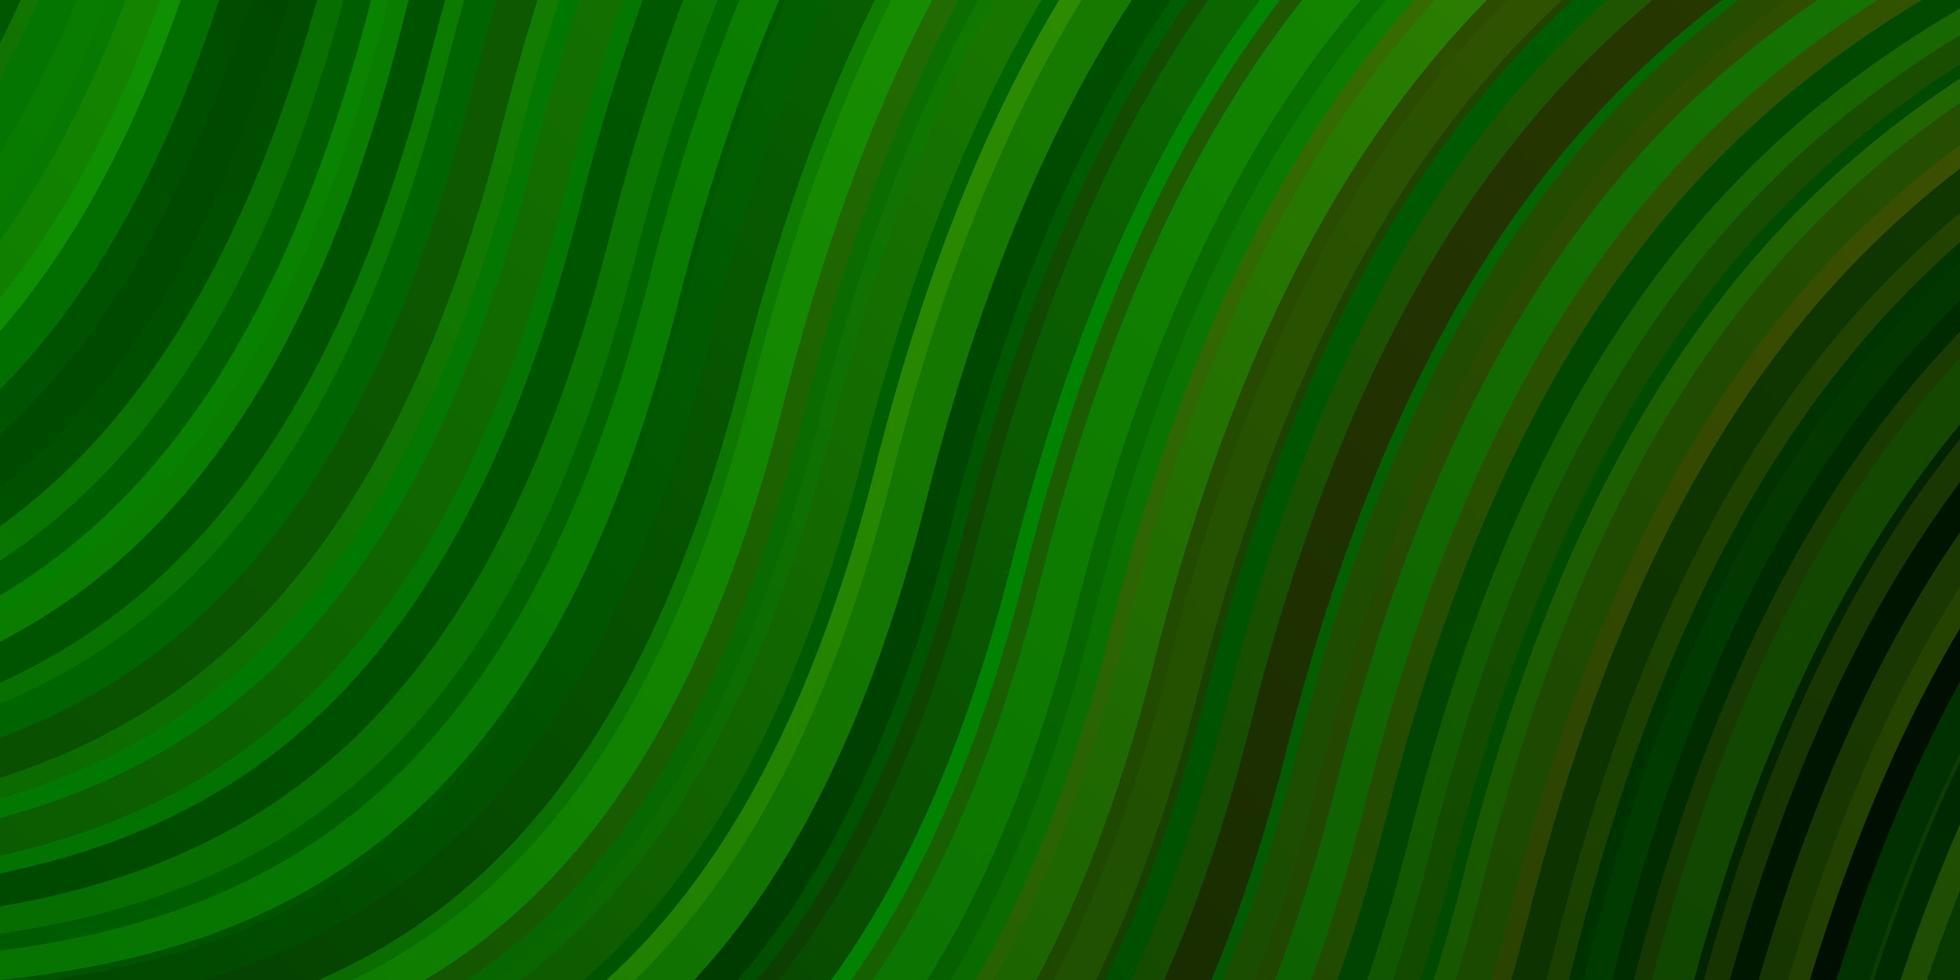 ljusgrön vektorbakgrund med sneda linjer. vektor